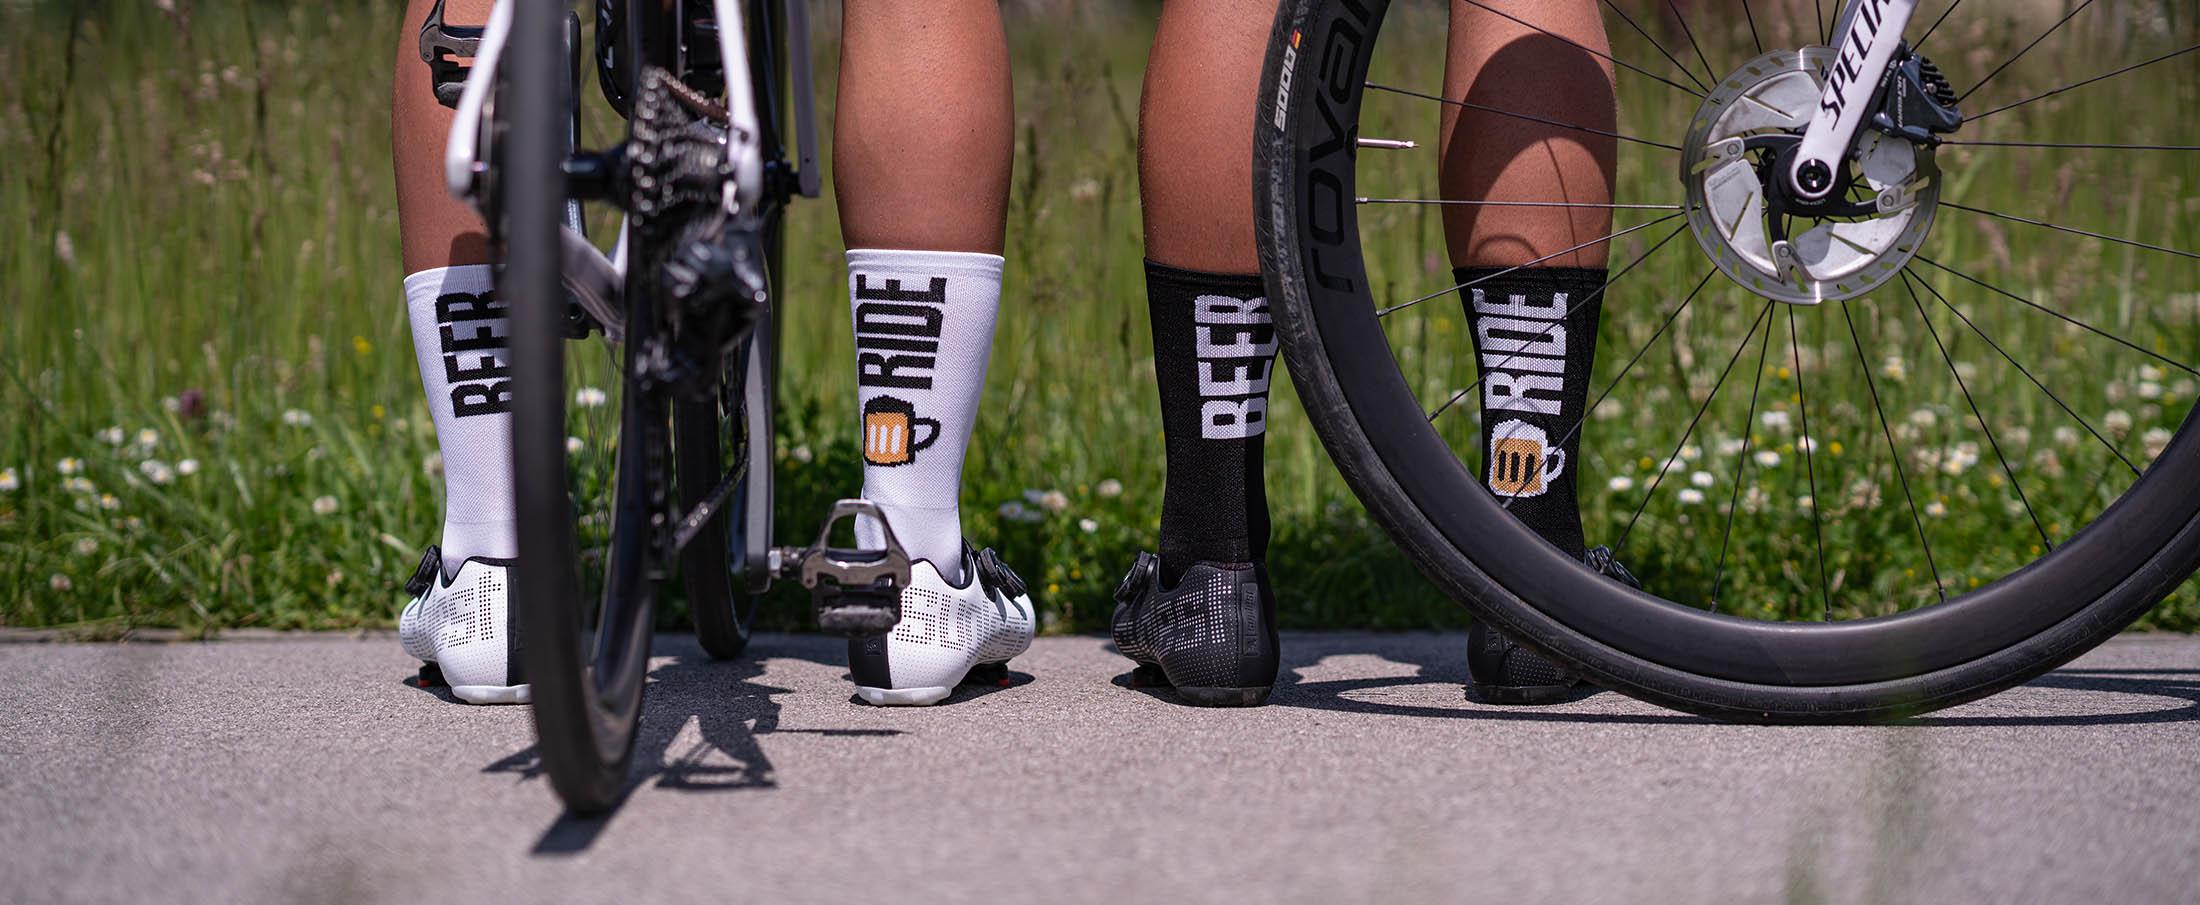 dwóch kolarzy stoją z rowerami Specialized ubrani w śmieszne i zabawne skarpetki rowerowe z napisami 'beer ride' z tyłu nogi